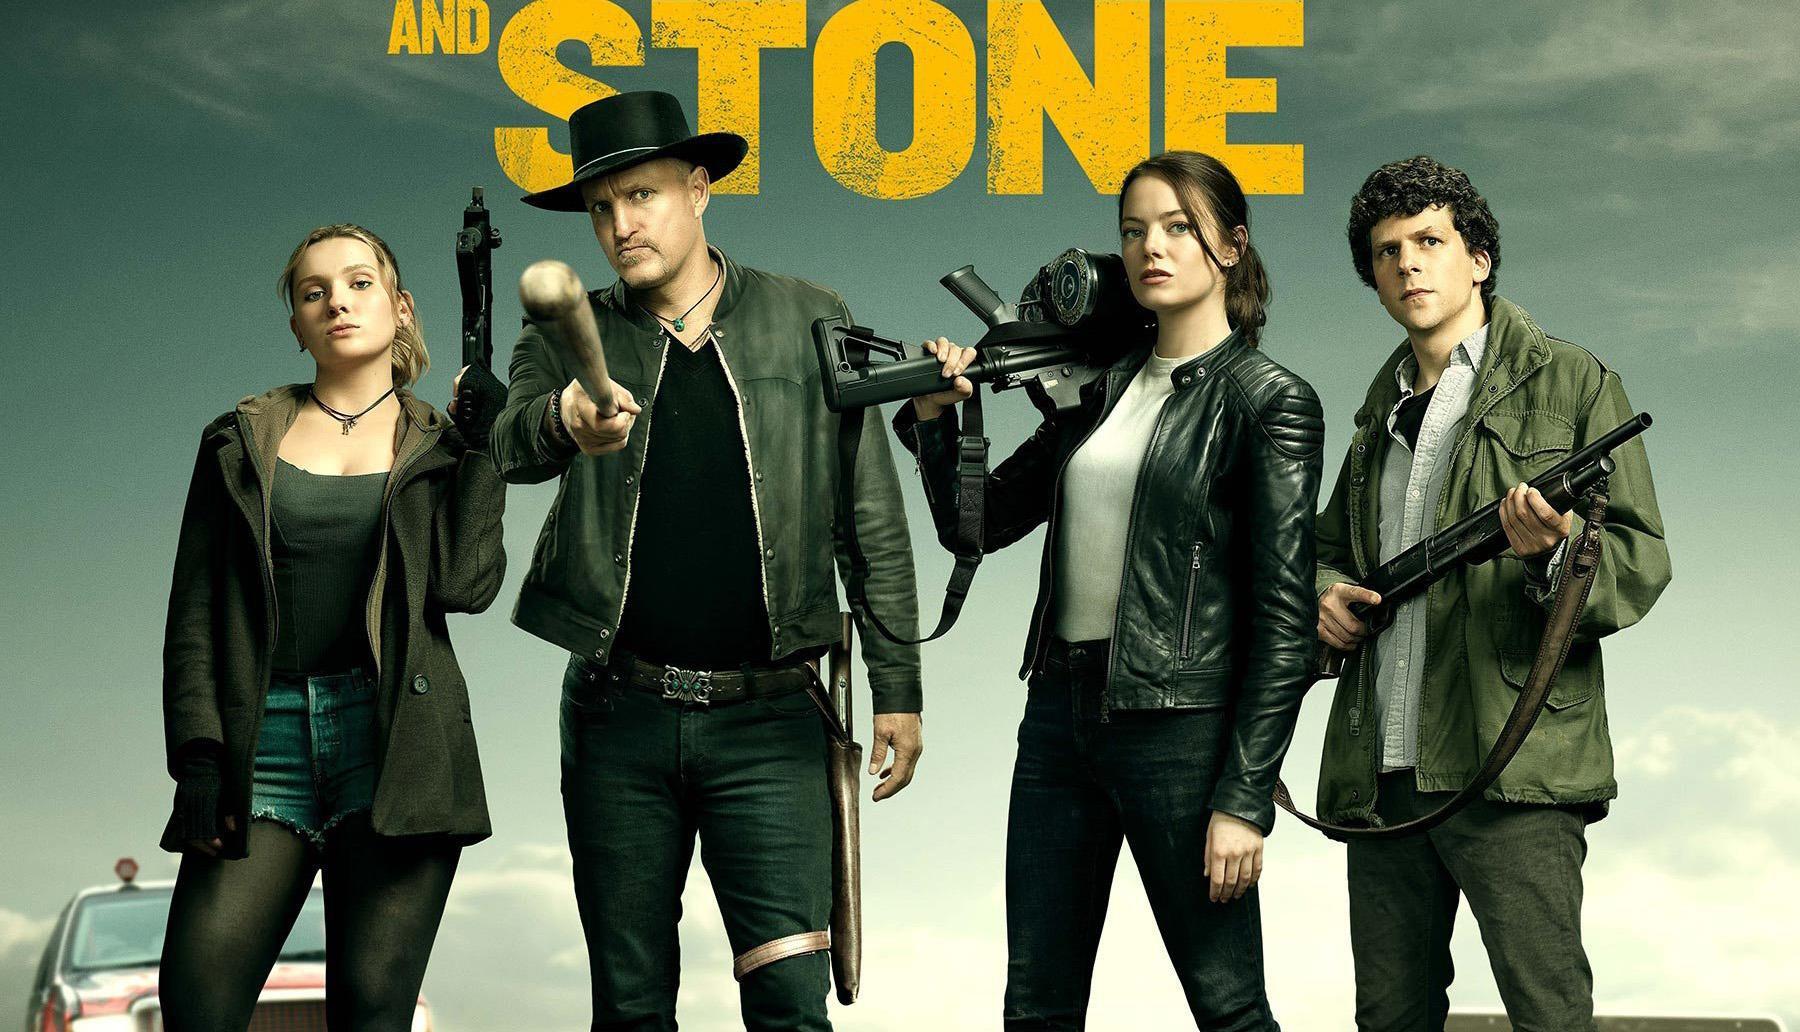 Zombieland 2 tung trailer: Emma Stone từng giã thây ma như chơi PUBG lại ngáo bất ngờ thế này! - Ảnh 7.